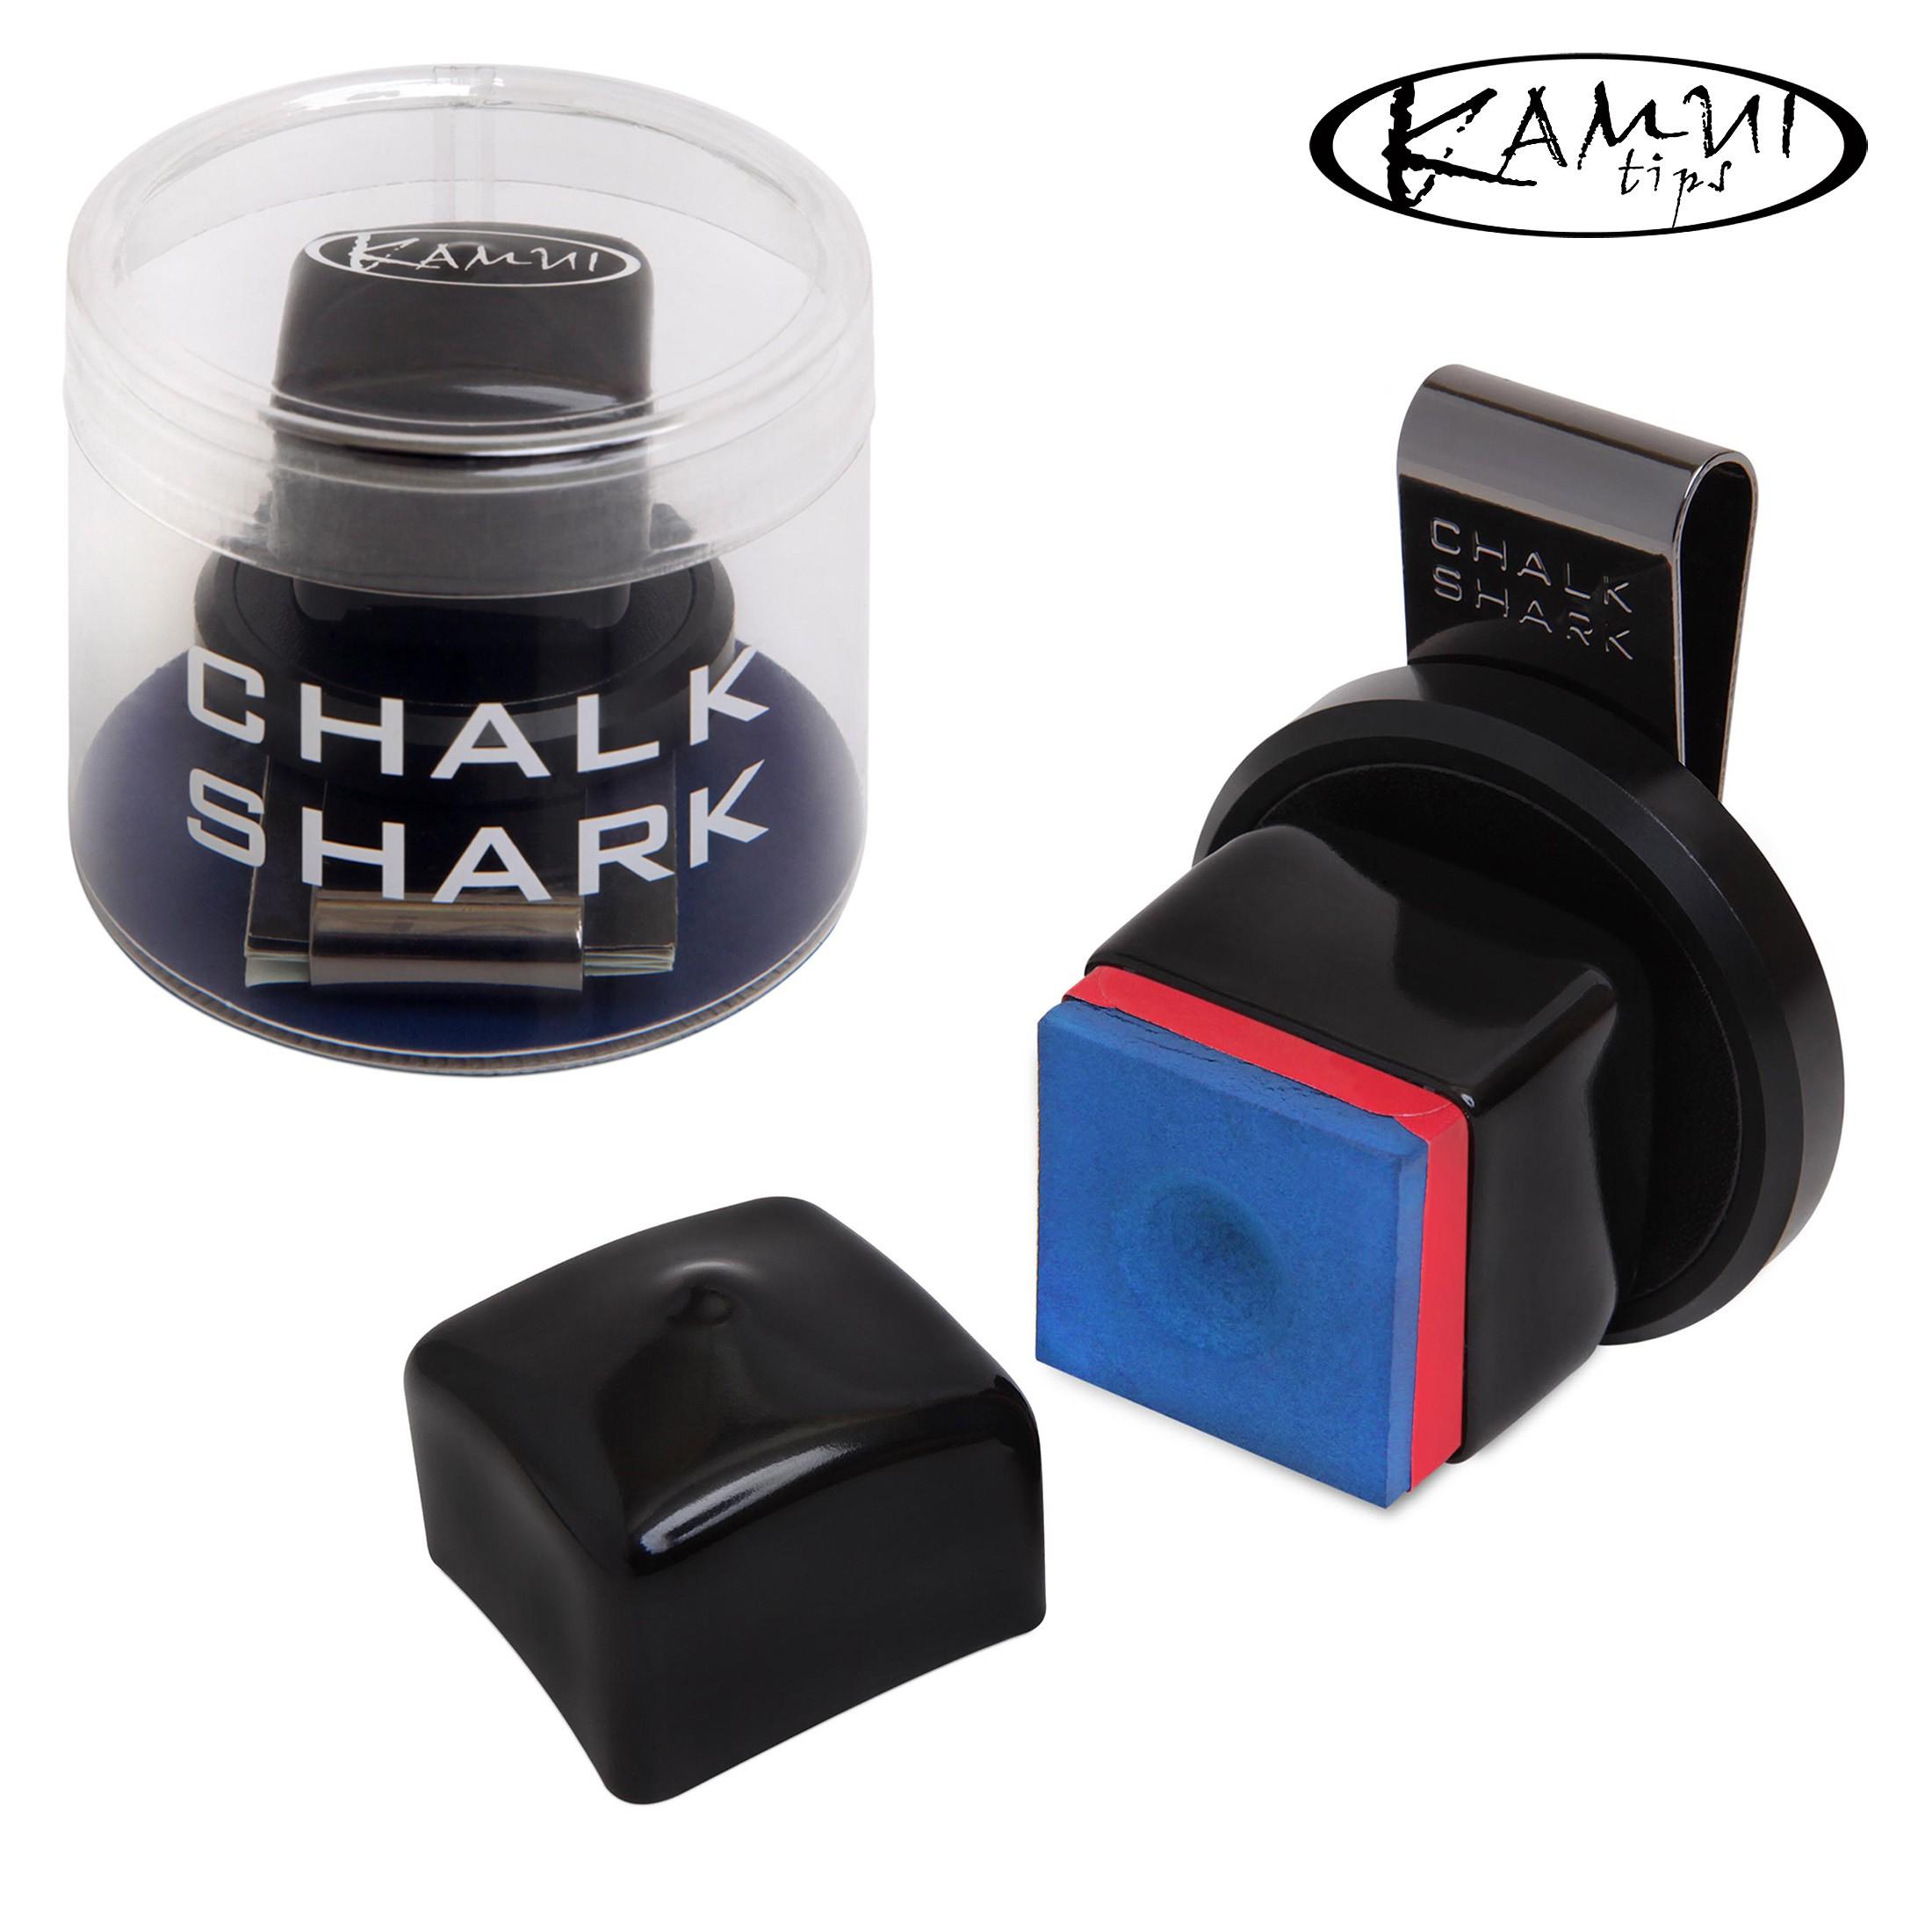 Держатель для мела Kamui Chalk Shark черный